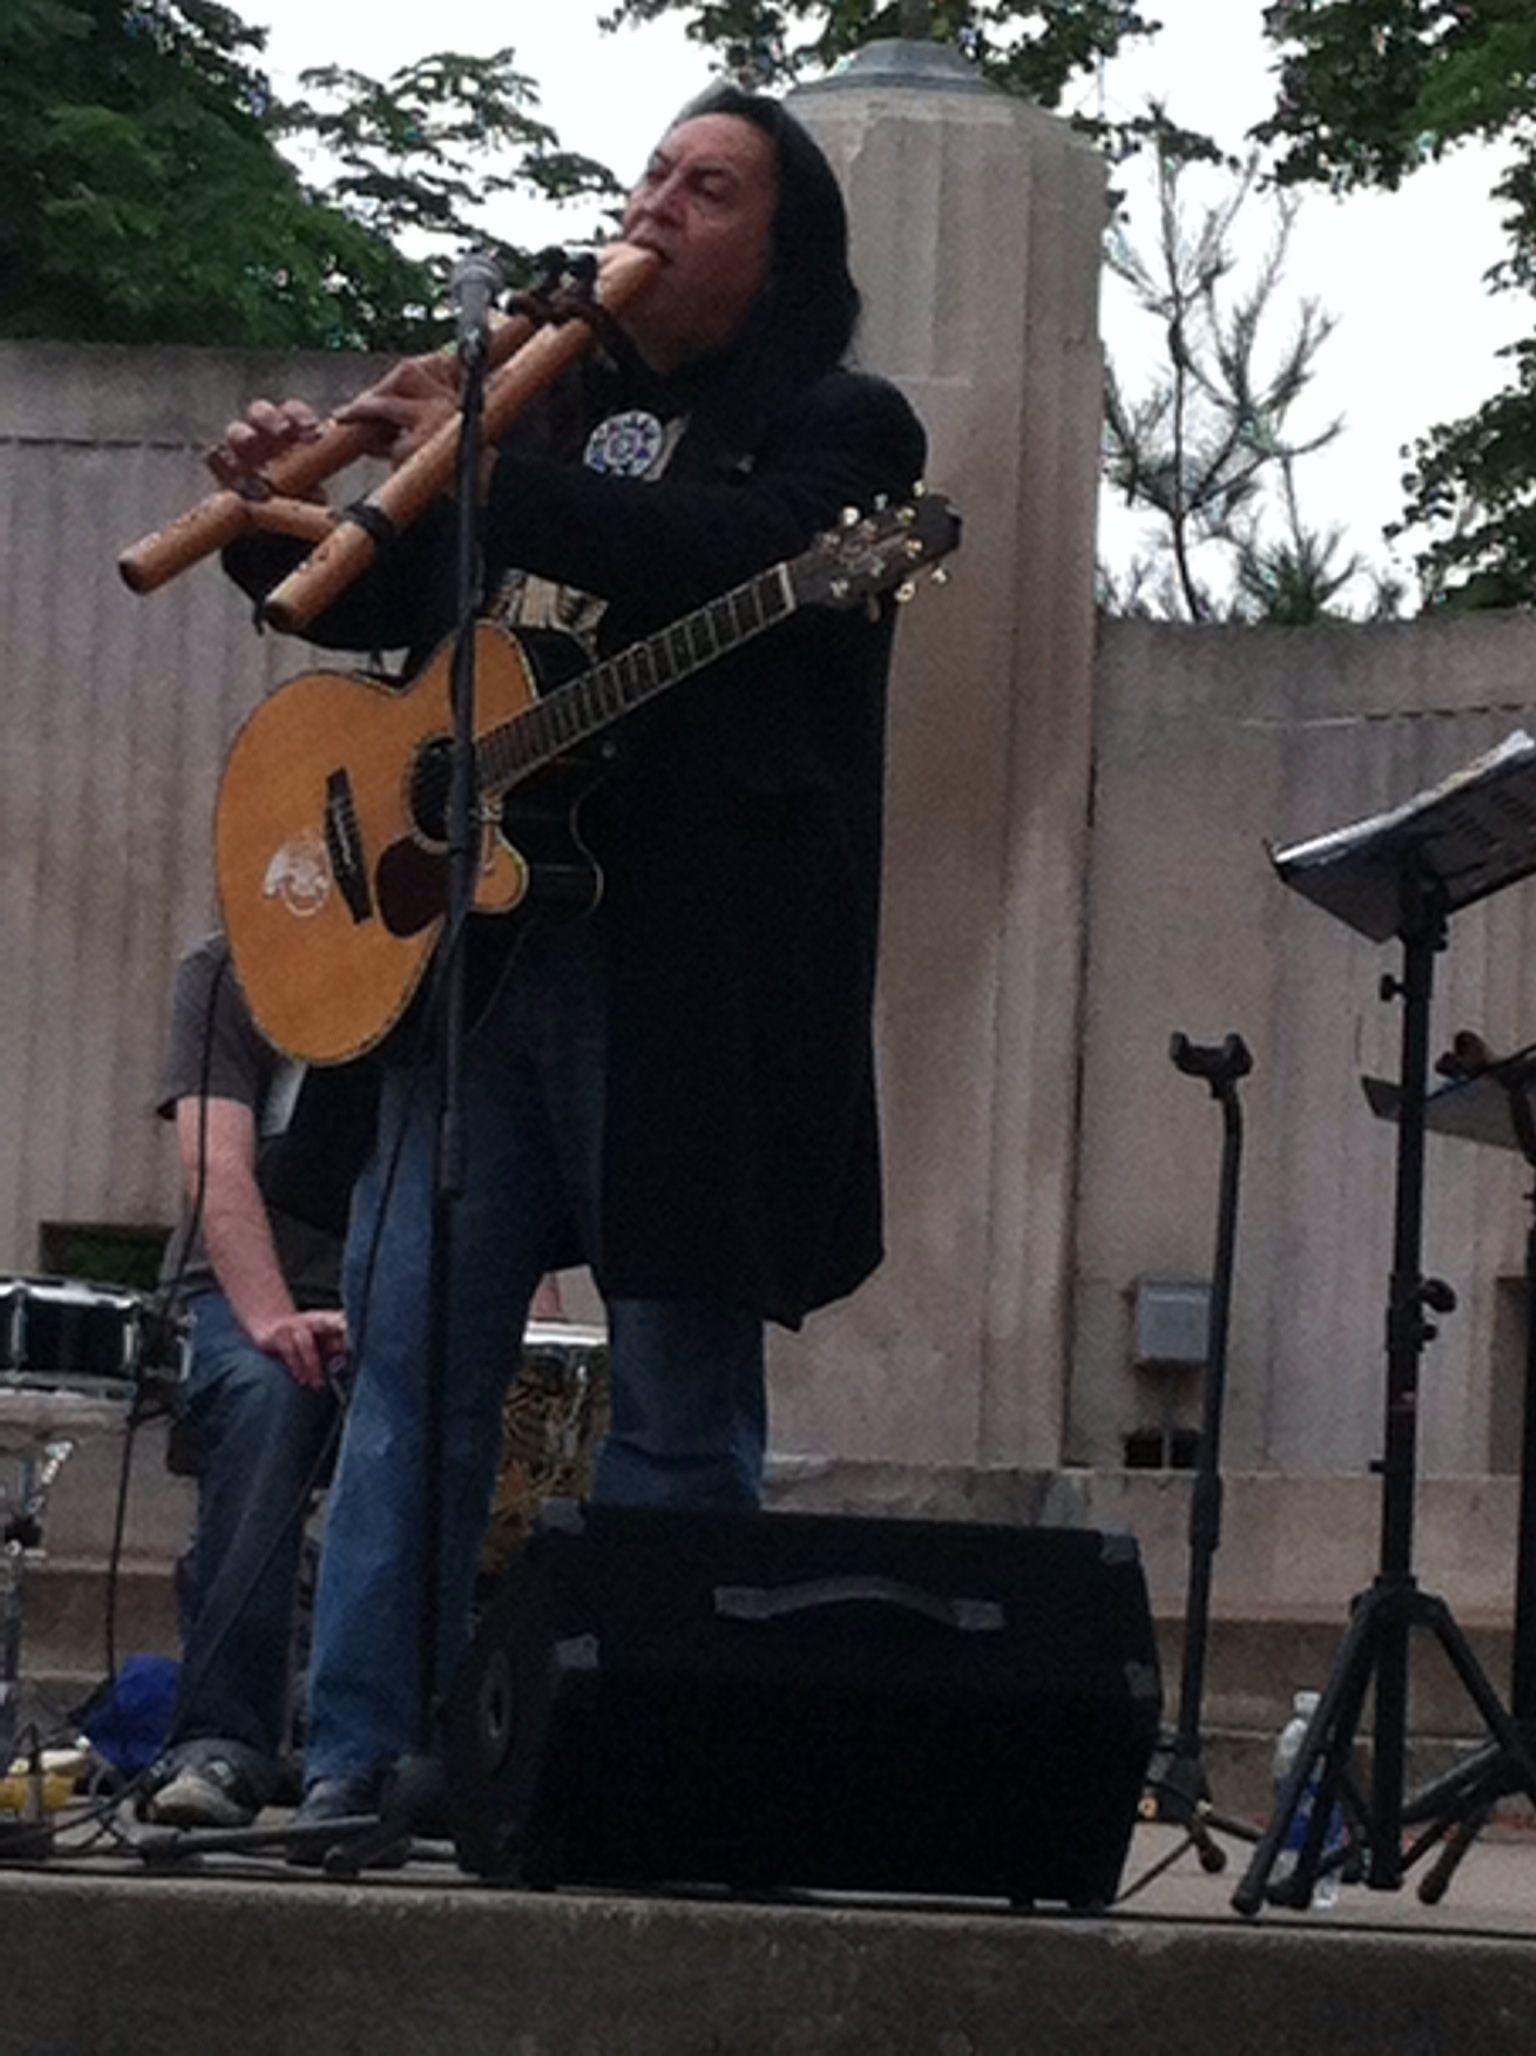 Bill miller la crosse wi 2012 native american flute